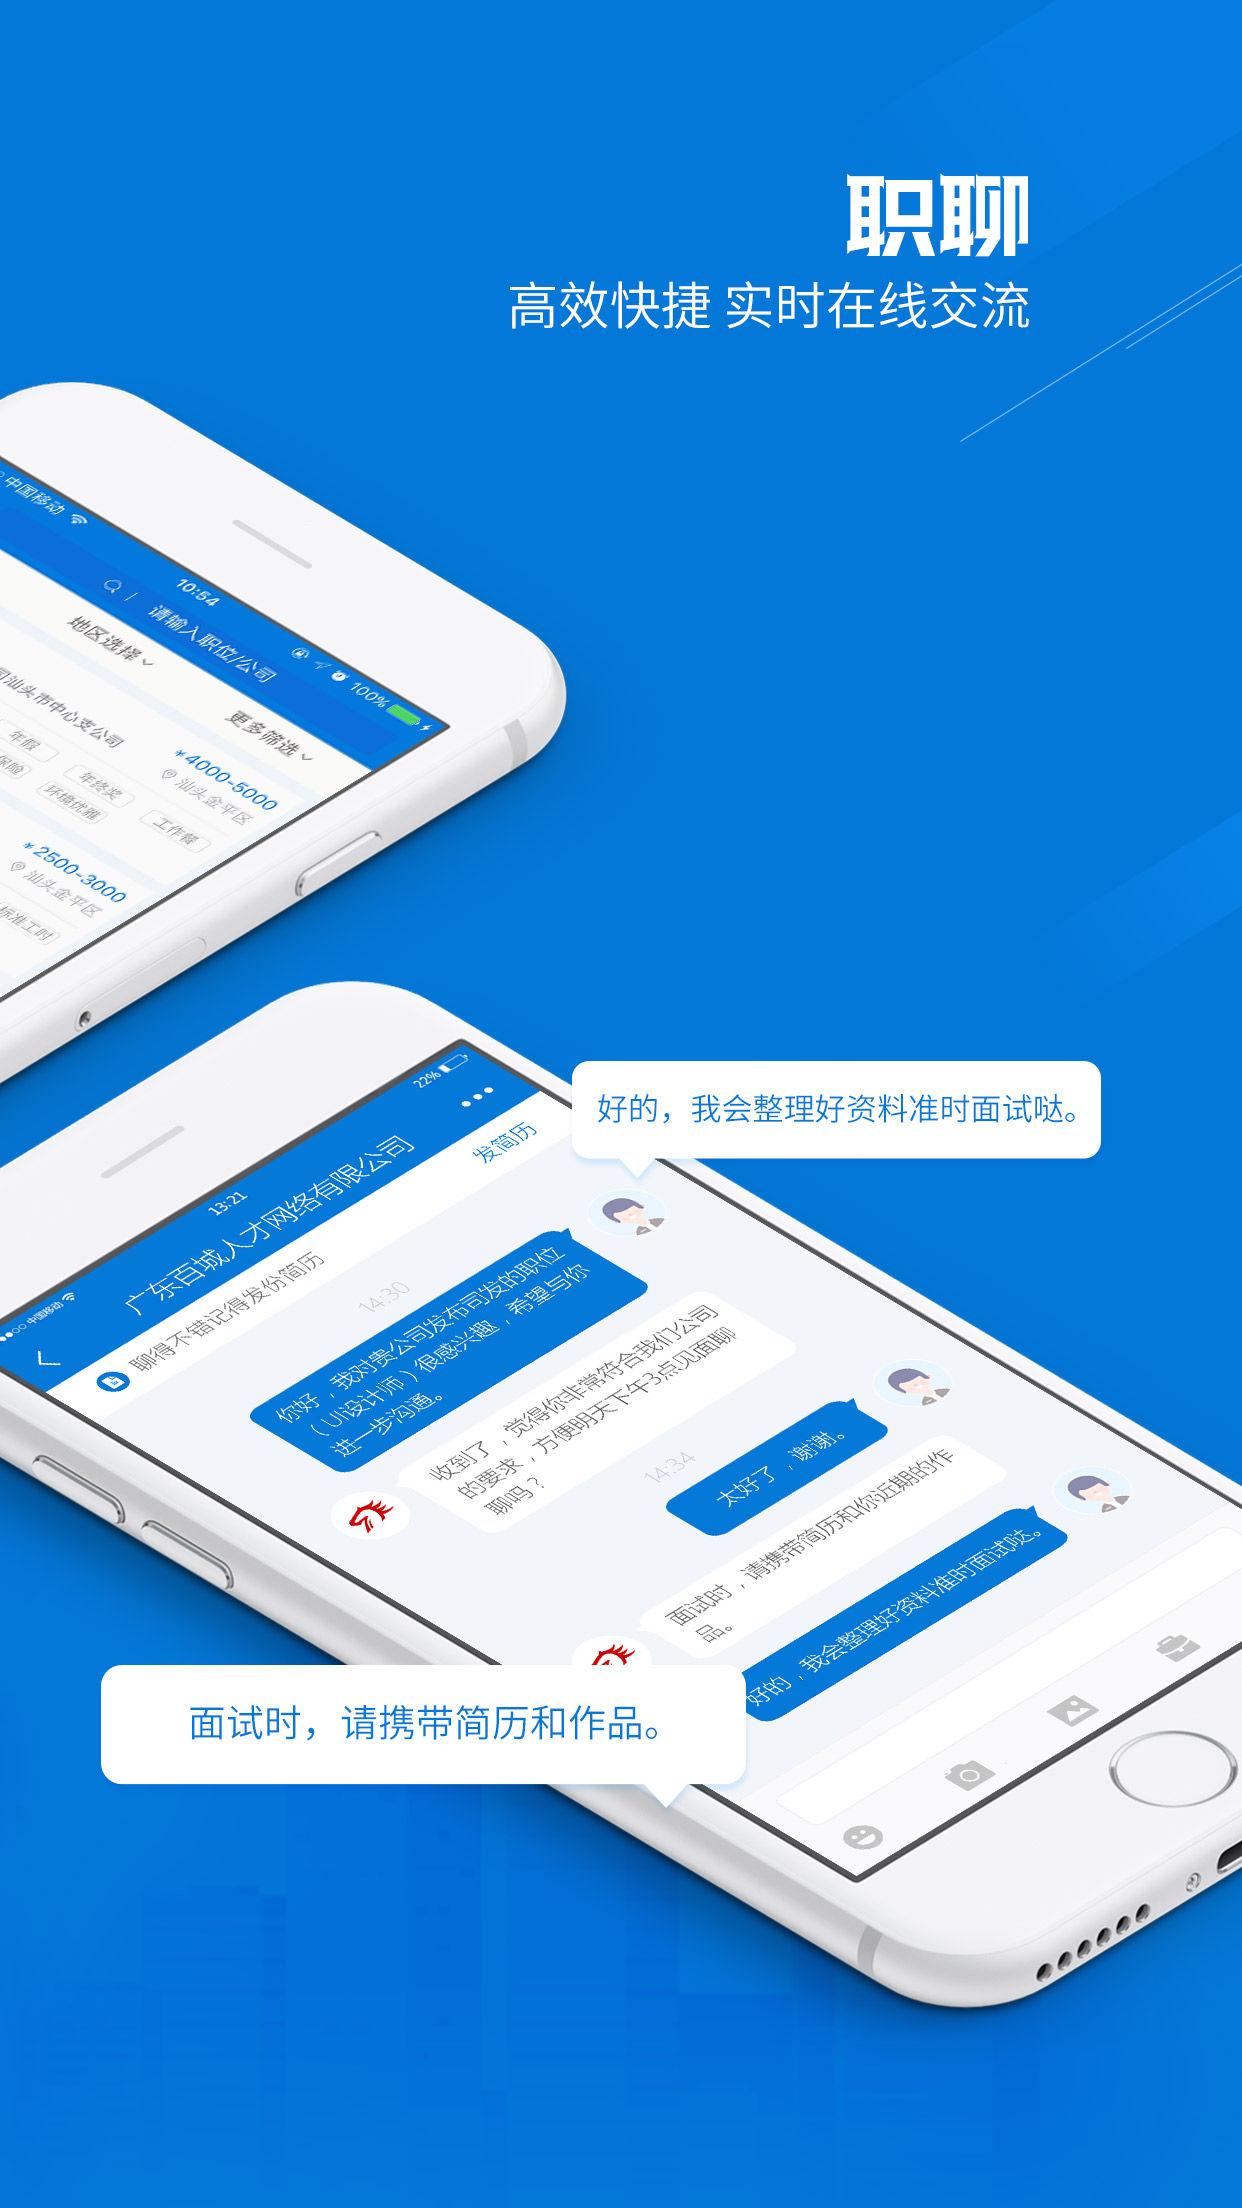 百城招聘HR版 V7.3.0 安卓版截图2